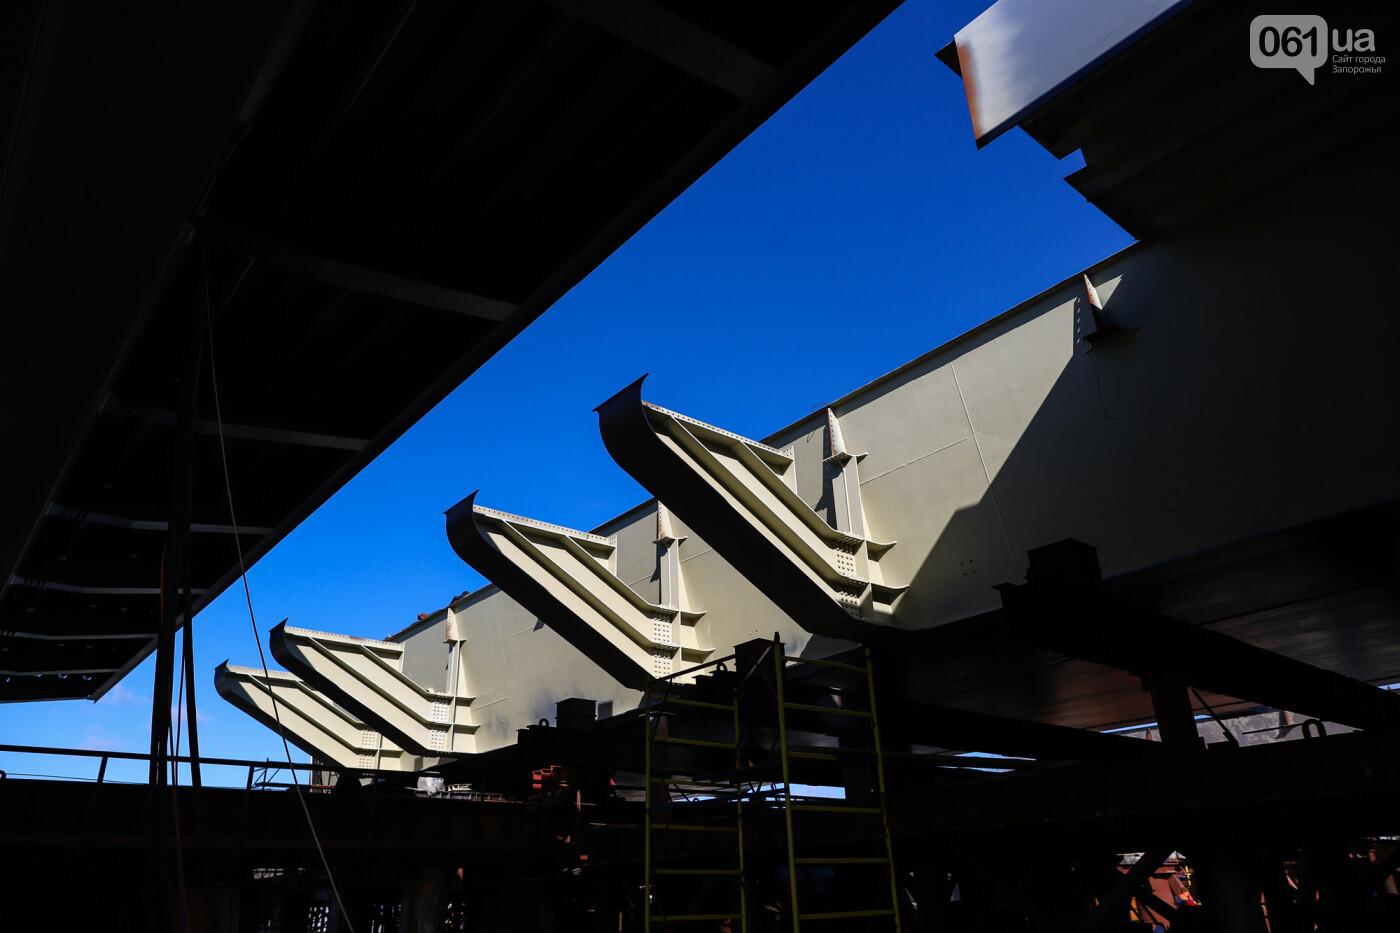 Кран с иностранной пропиской, ванты и металл: строительство запорожских мостов в фотографиях, фото-10